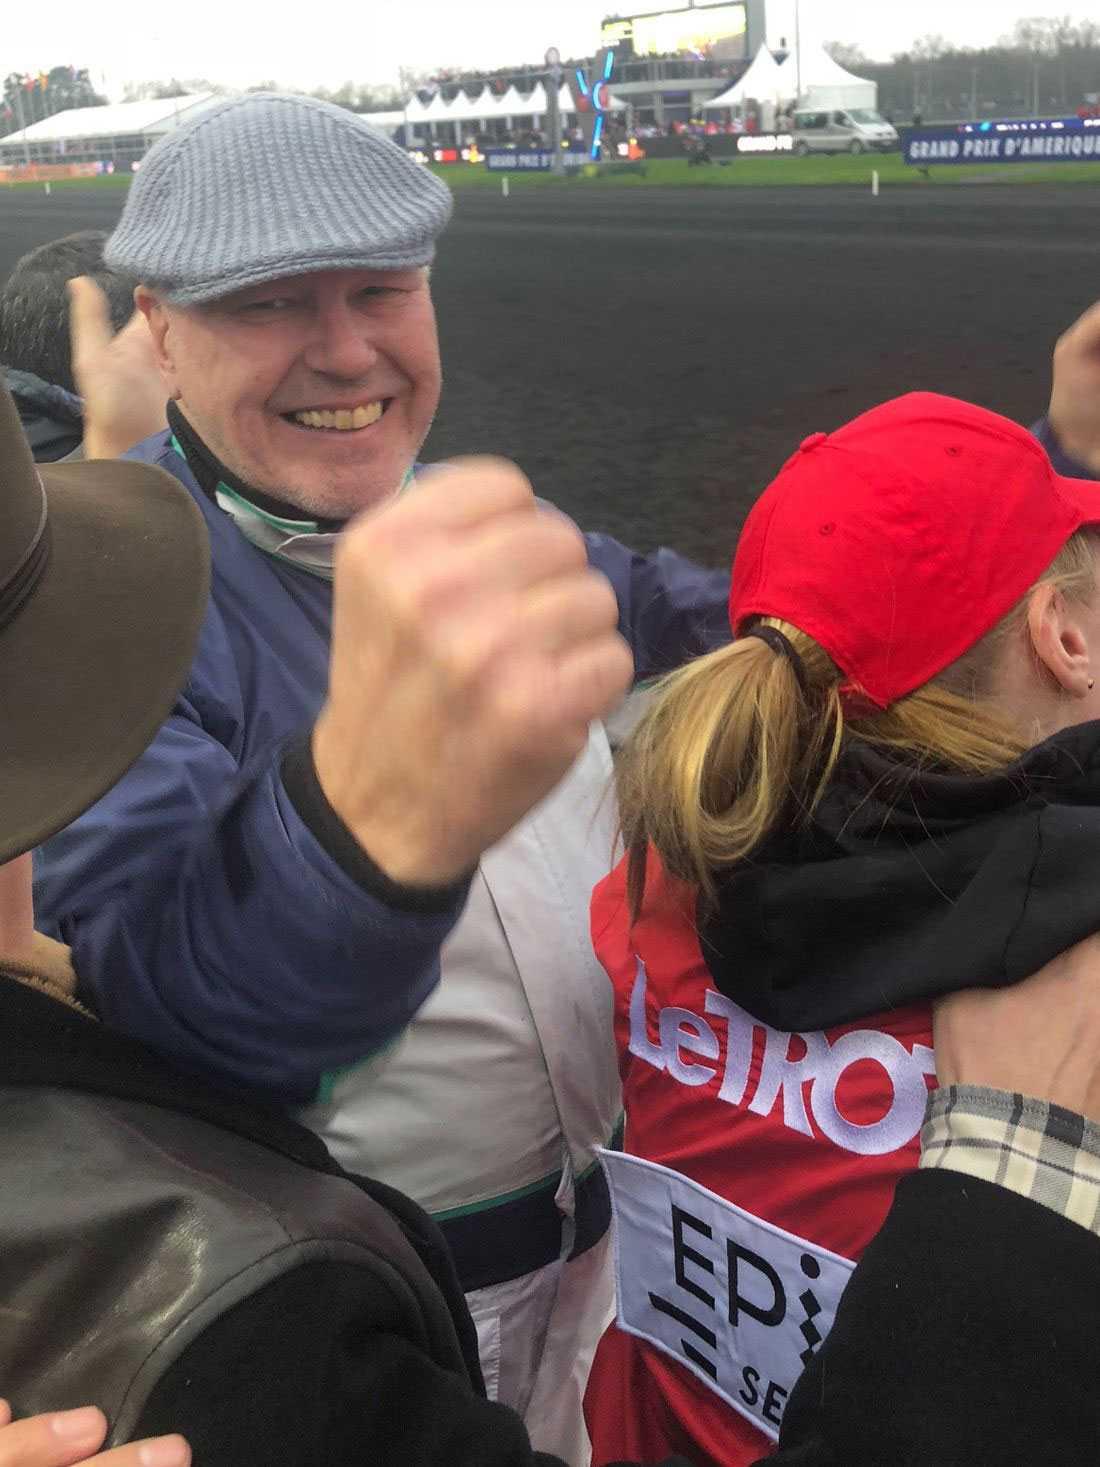 """Timo Nurmos jublar direkt efter målgång av Prix d'Amérique 2018 där Readly Express segrade. Nu har han varit på plats i Frankrike hela veckan för att preparera sin stjärnhäst till det yttersta: """"Allt är perfekt""""."""